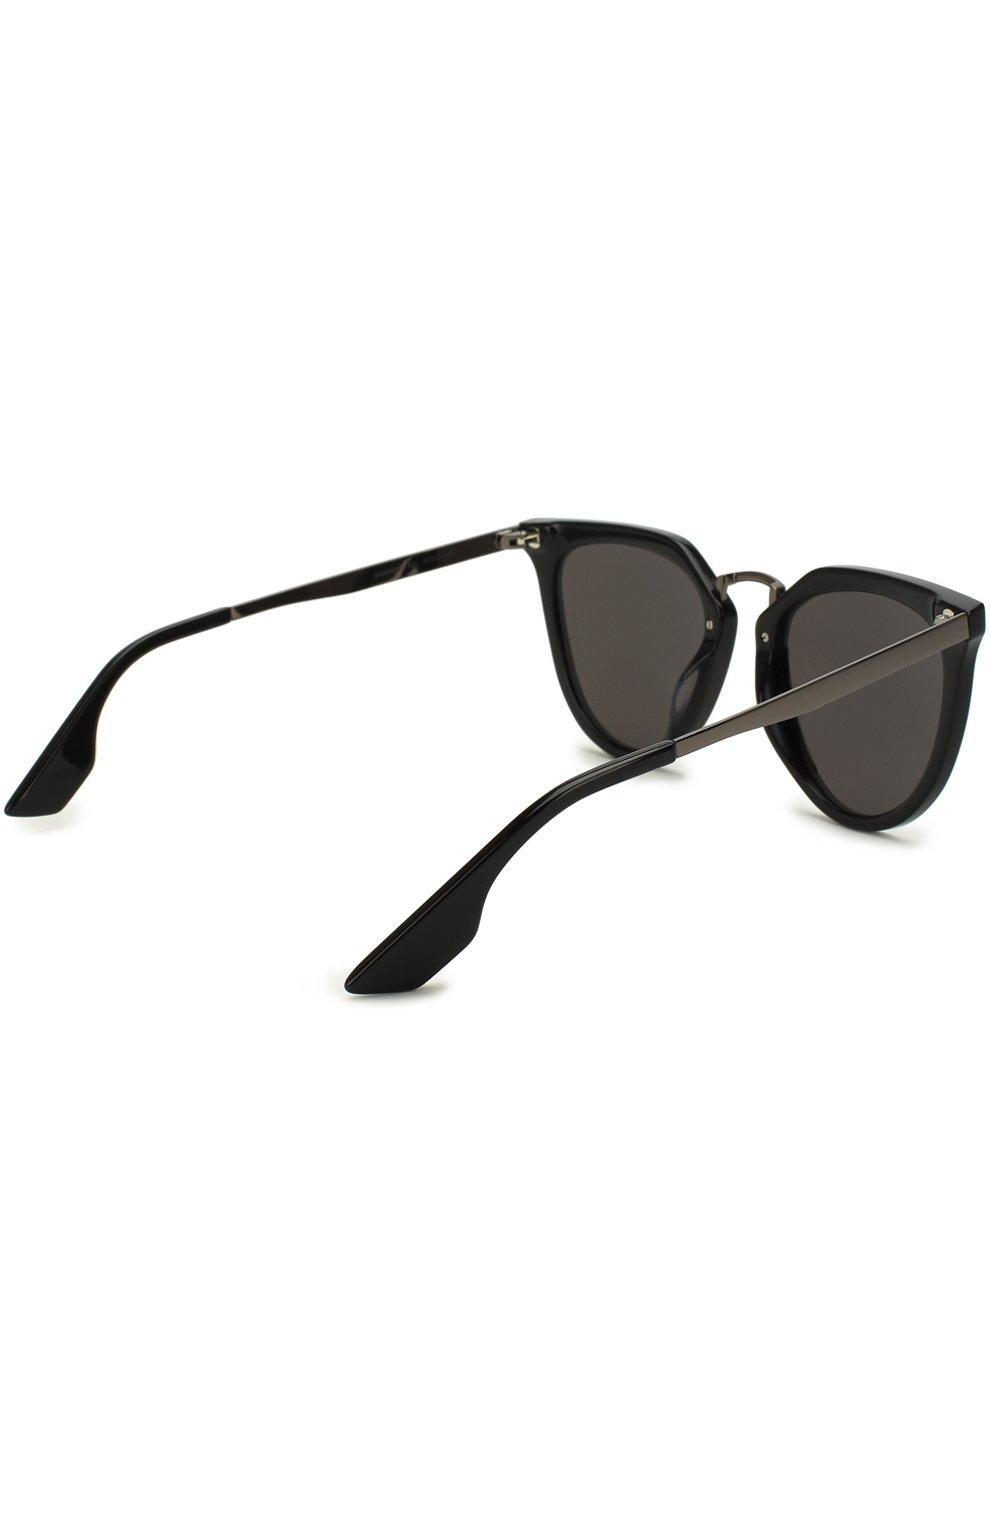 Женские солнцезащитные очки ALEXANDER MCQUEEN черного цвета, арт. MQ0086 001 | Фото 4